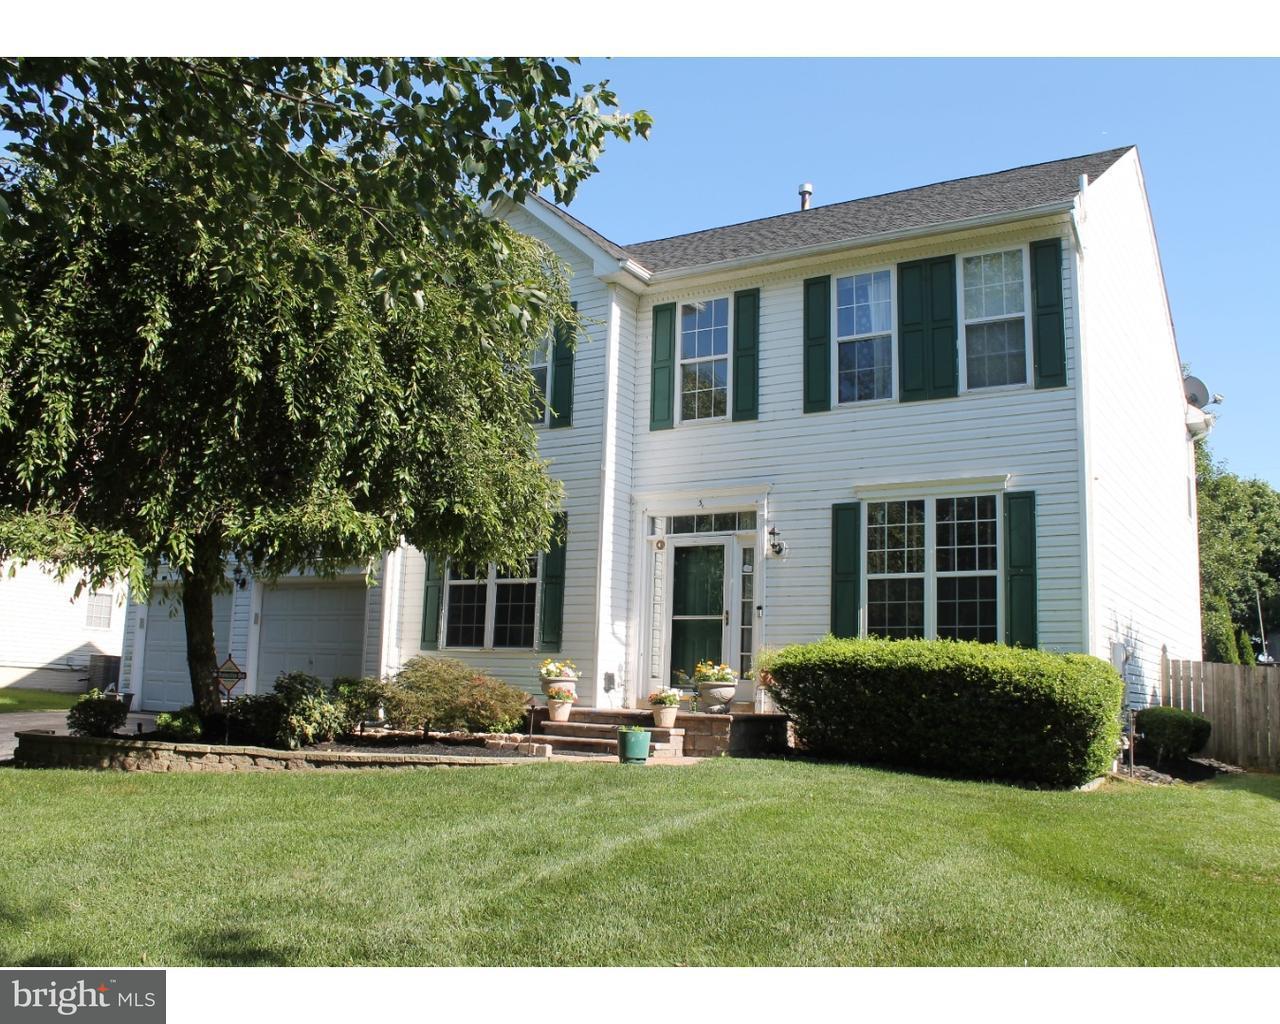 独户住宅 为 销售 在 3 PEMBERTON Lane 东温莎, 新泽西州 08520 美国在/周边: East Windsor Township